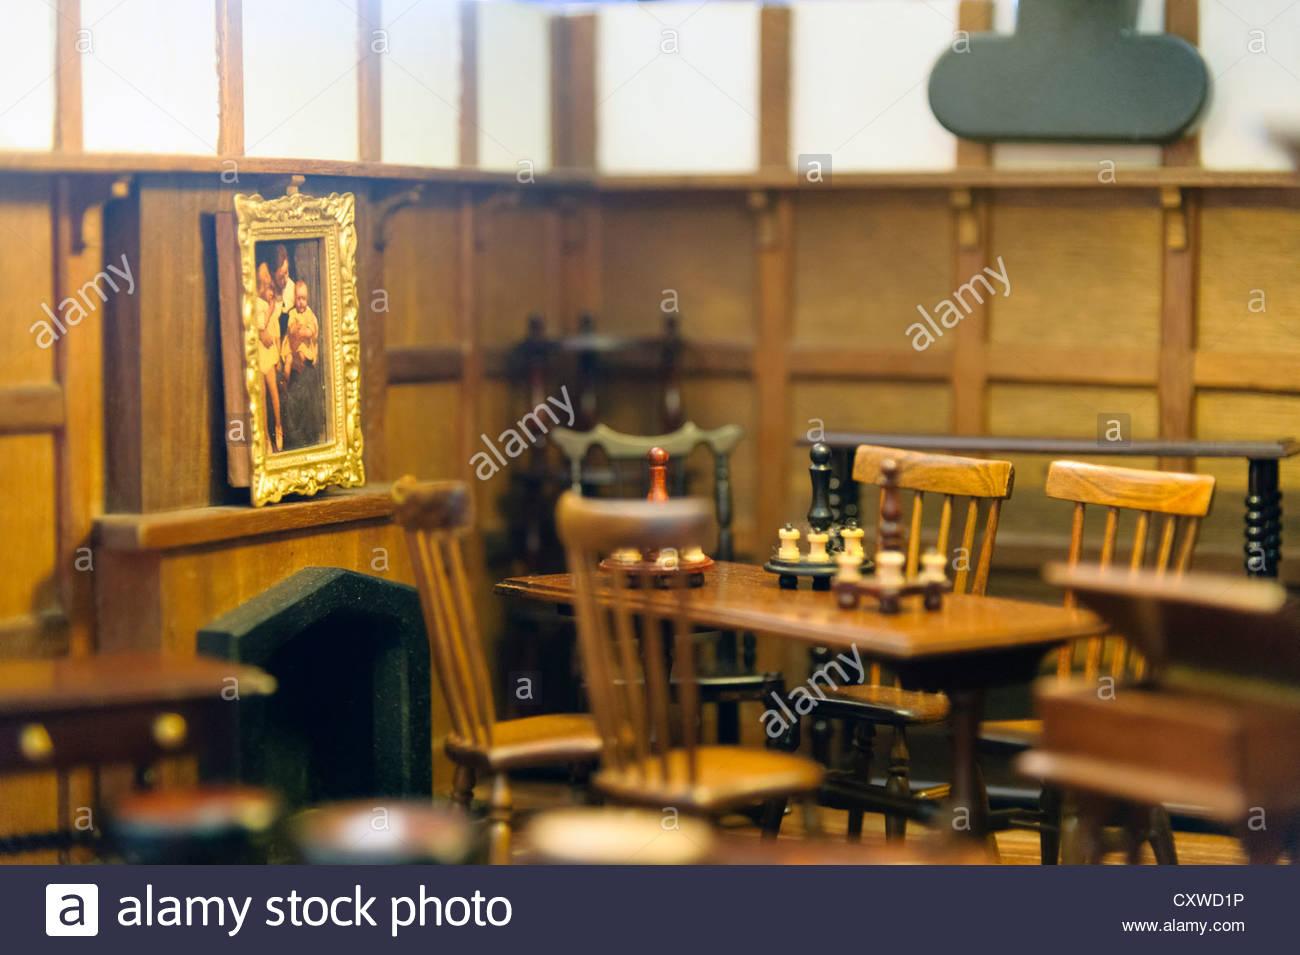 Dolls house mobili in una camera in miniatura con tavolo, sedie e pittura. La base di una clip sulla luce è Immagini Stock